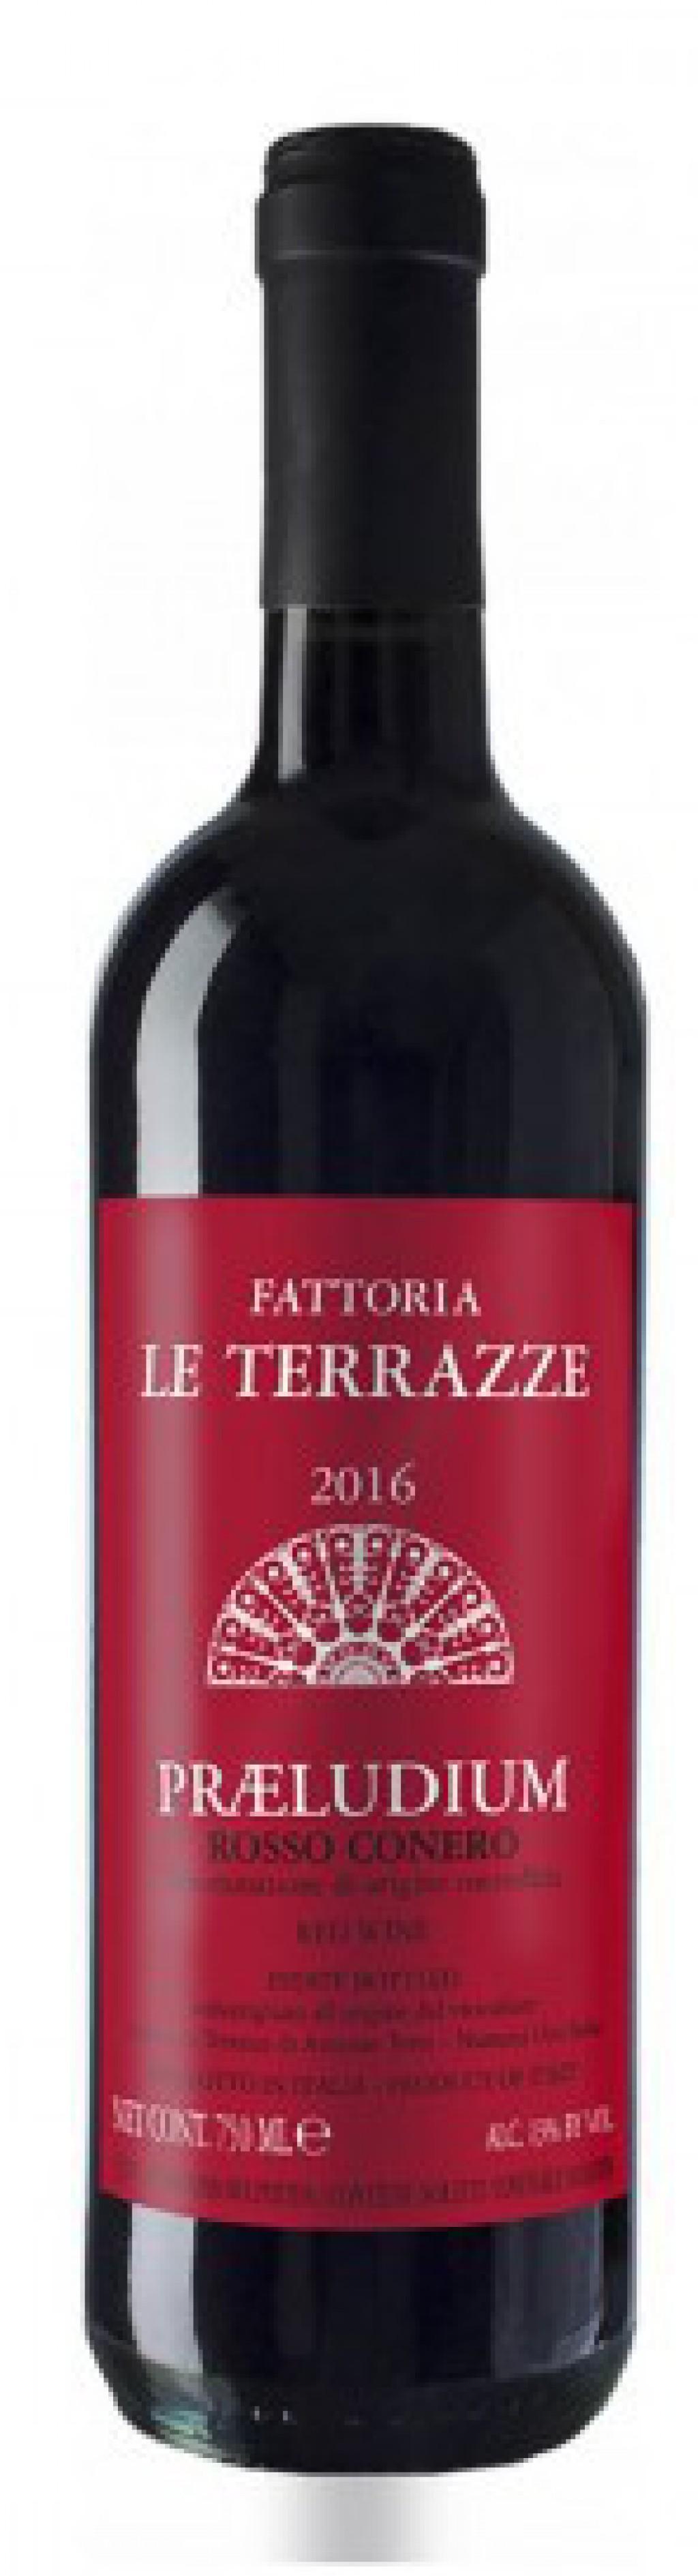 Preludium Rosso Conero Fattoria Le Terrazze: vendita online Weinen ...